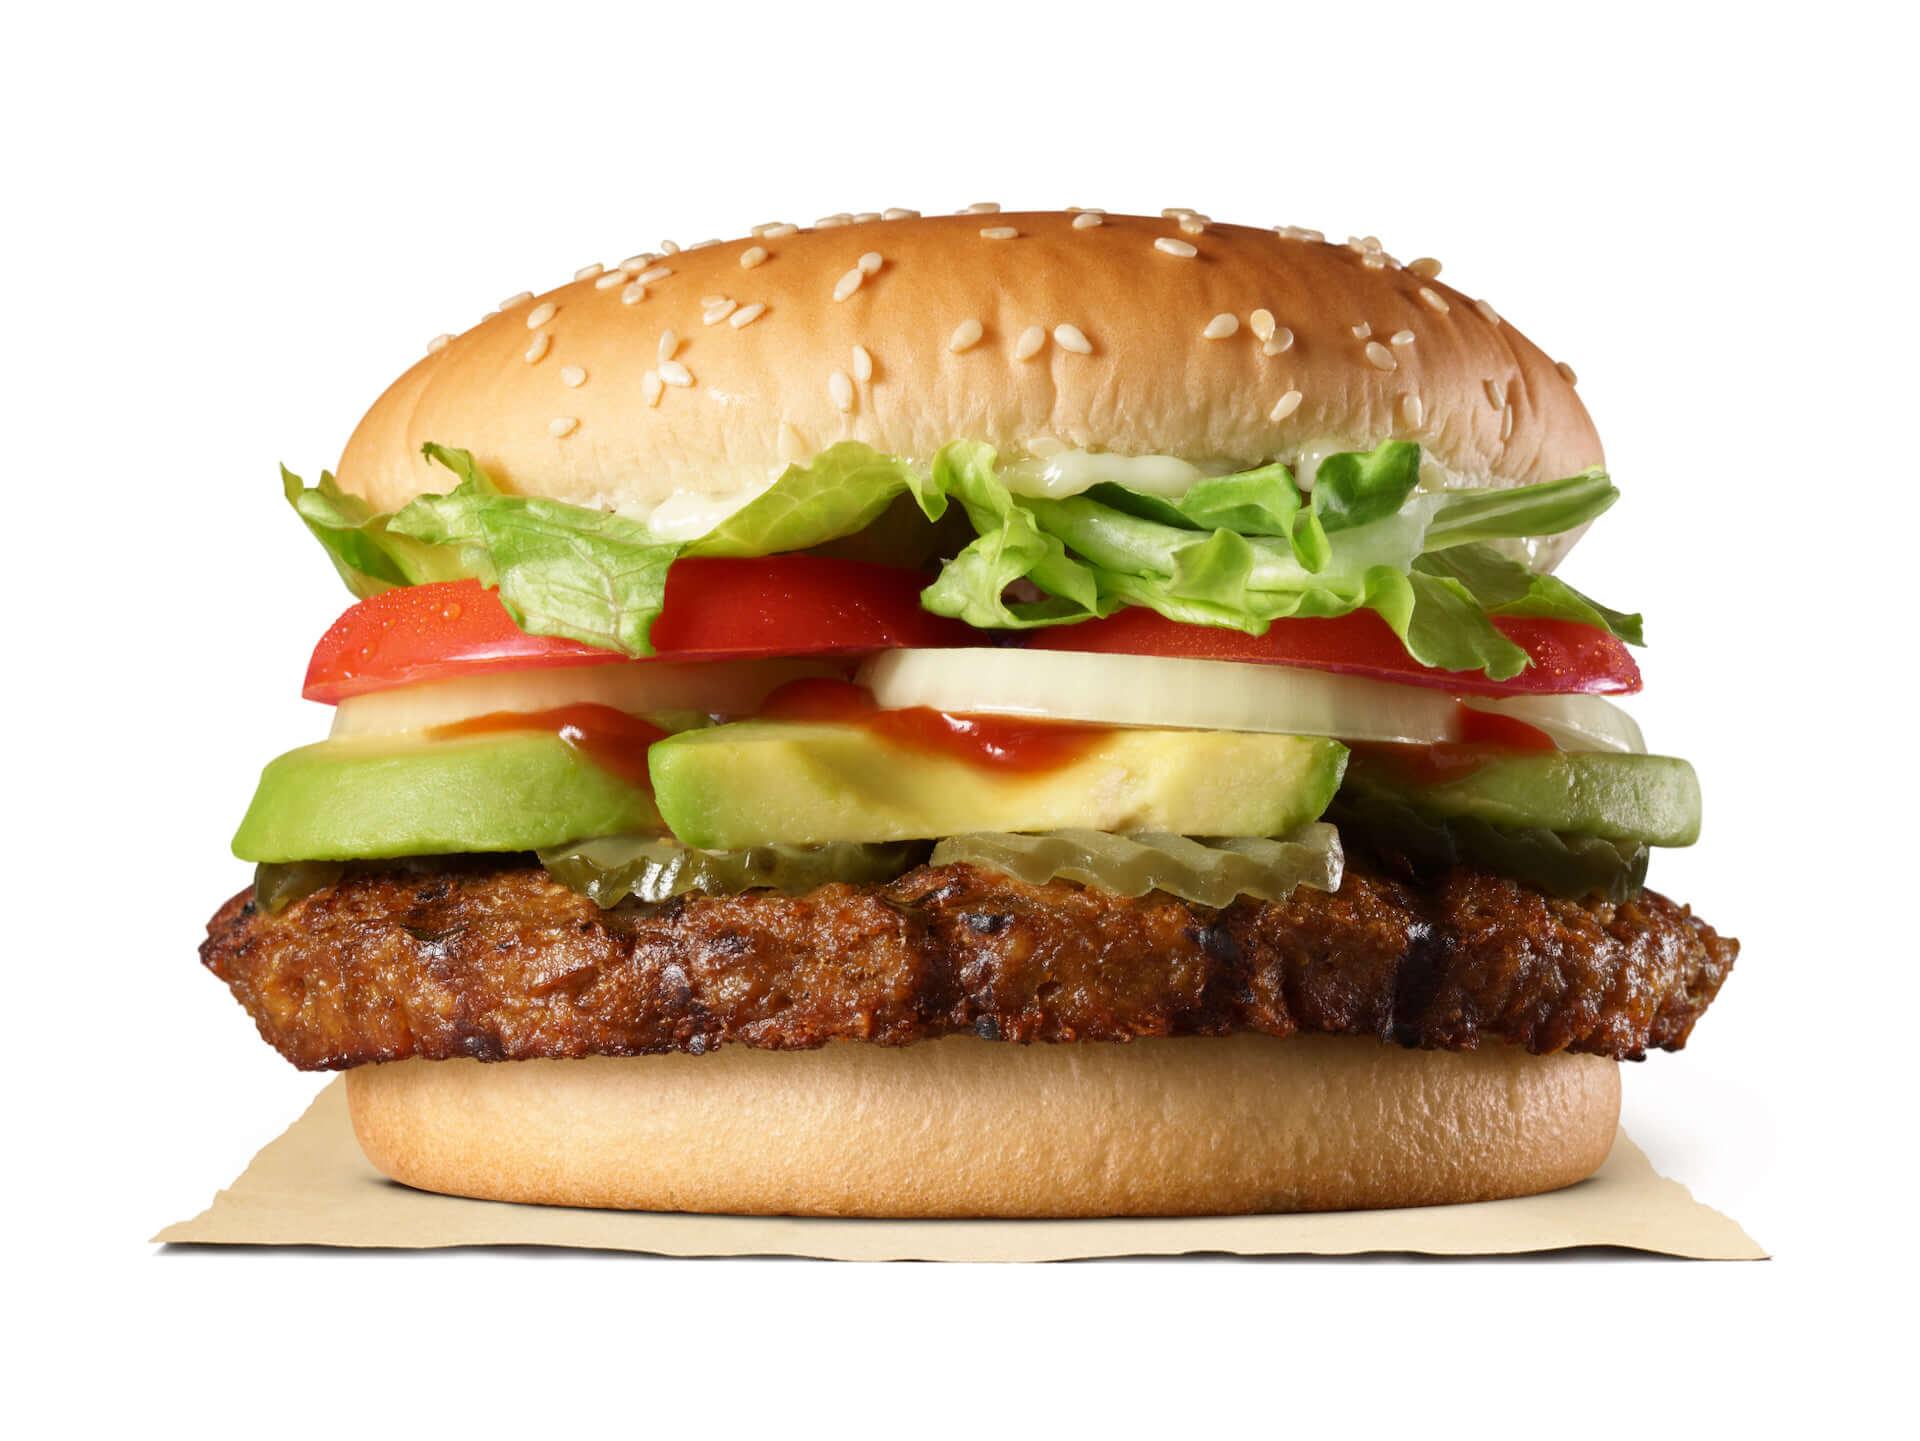 アボカドを贅沢に使ったワッパーがバーガーキングから登場!ビーフ/植物性パティの2種類が期間限定で新発売 gourmet210204_burgerking_2-1920x1441